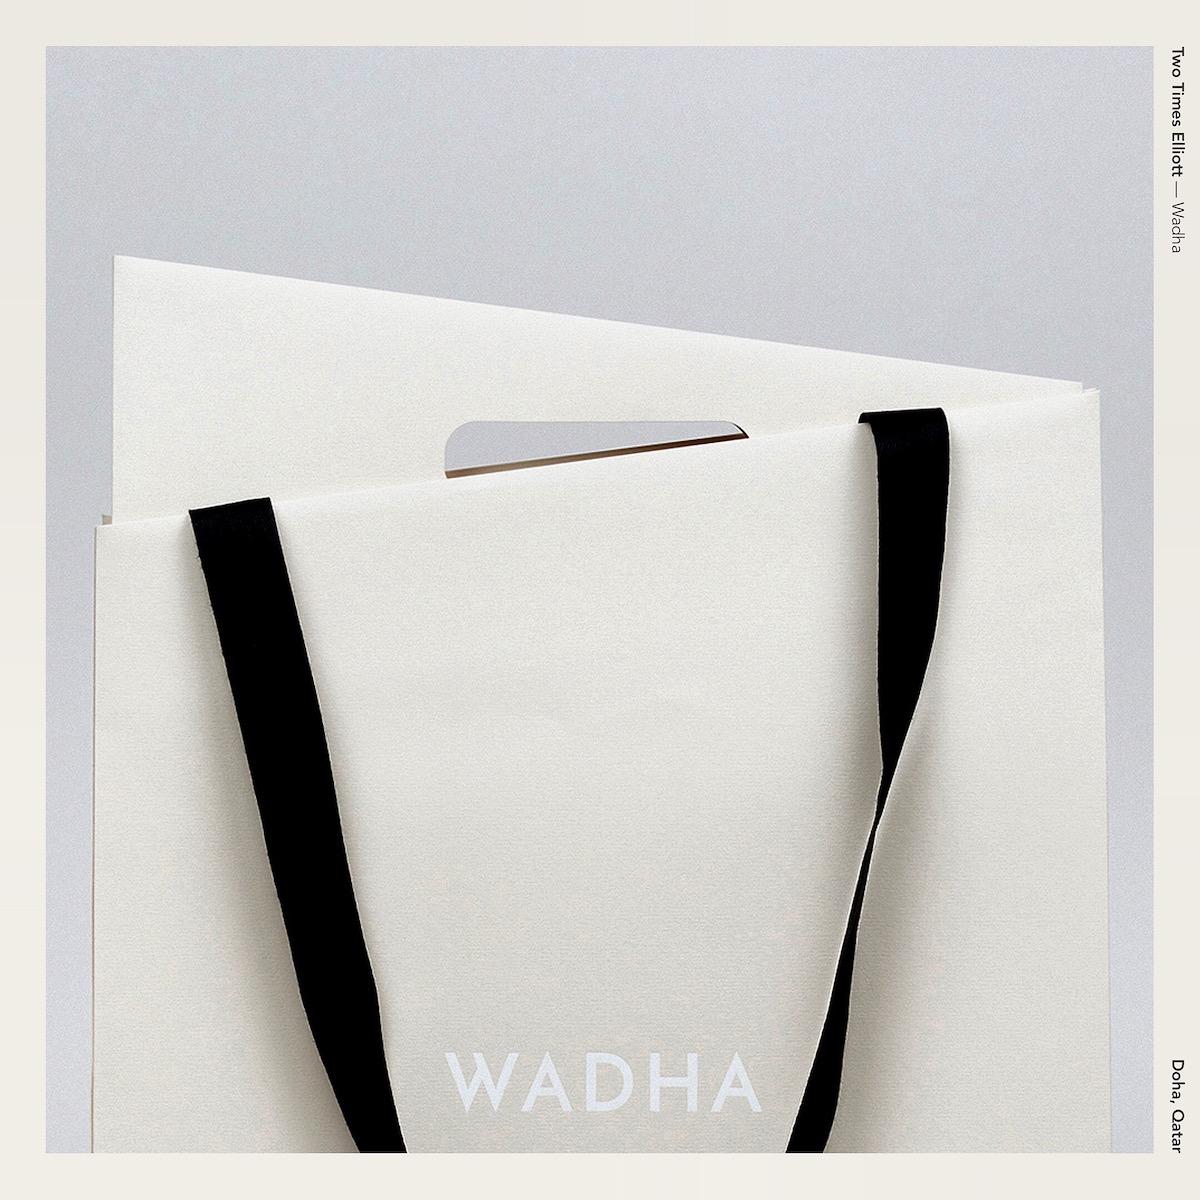 Two Times Elliot — Wadha